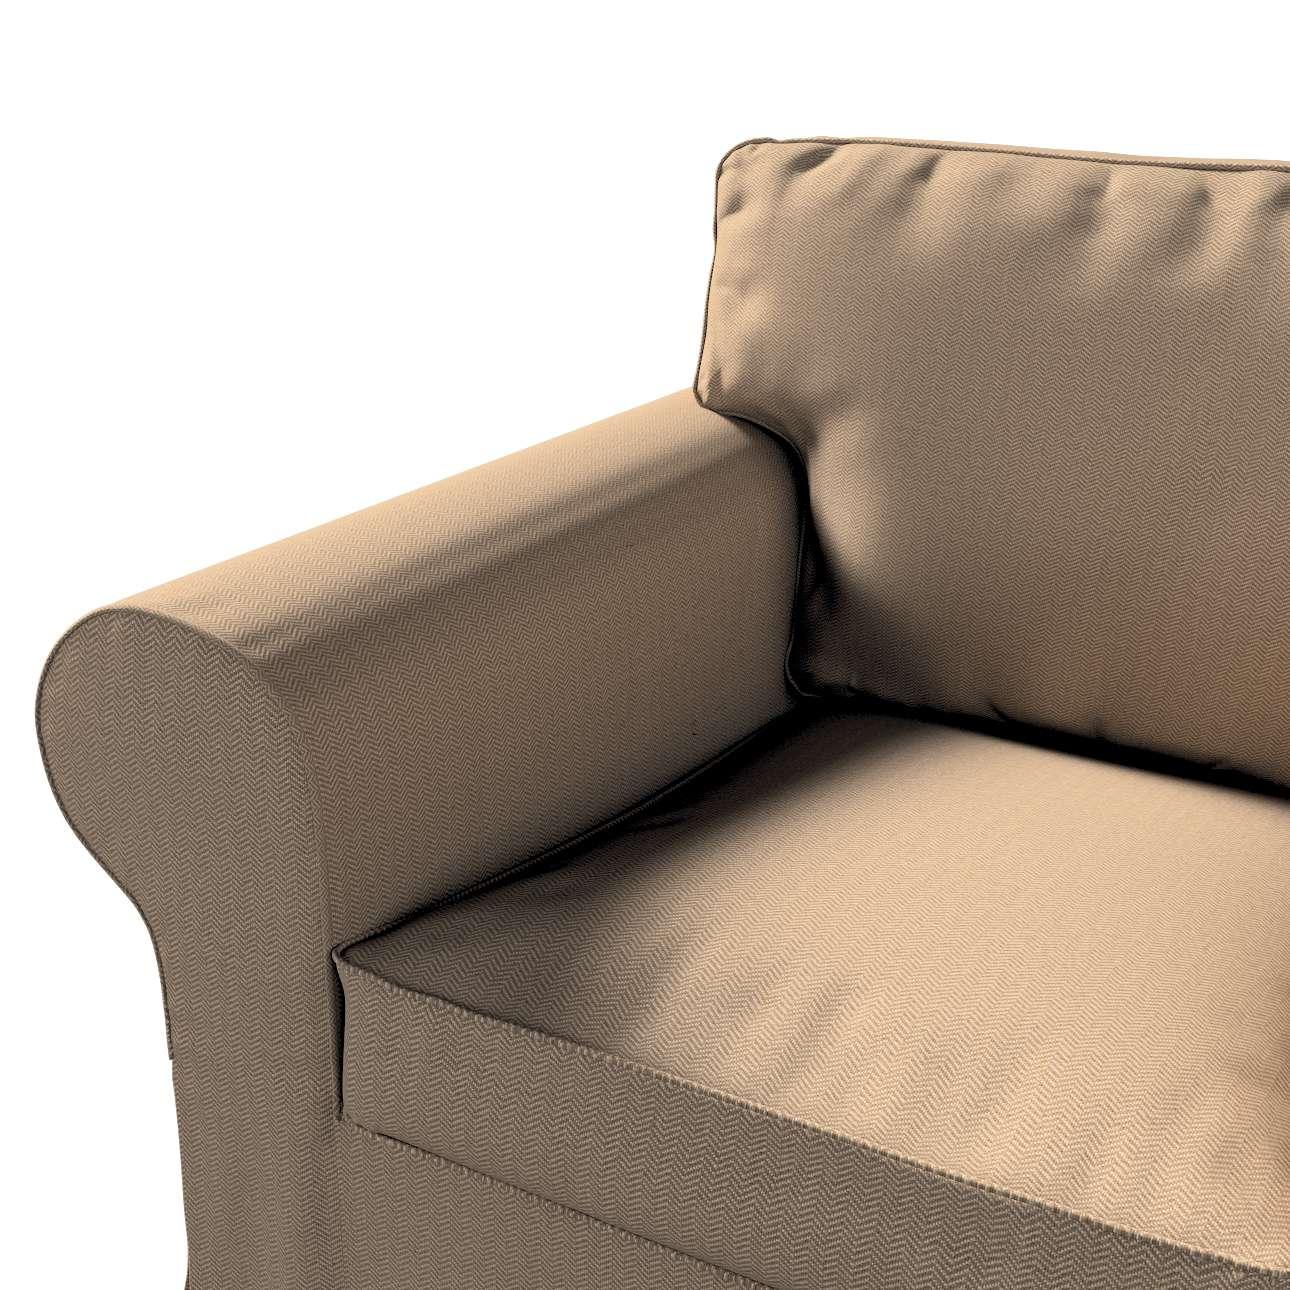 Pokrowiec na fotel Ektorp w kolekcji Bergen, tkanina: 161-85